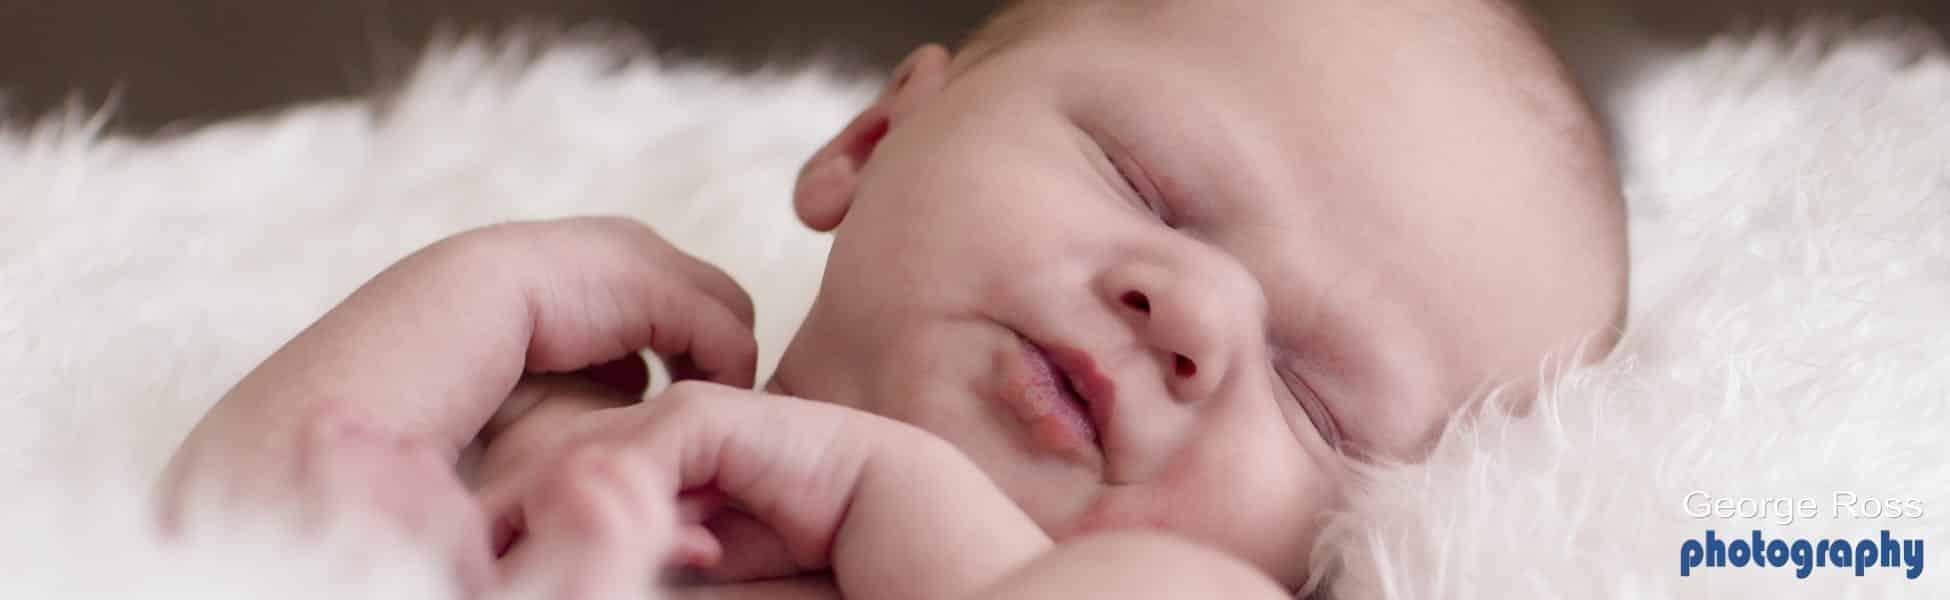 RI Newborn Baby Photography